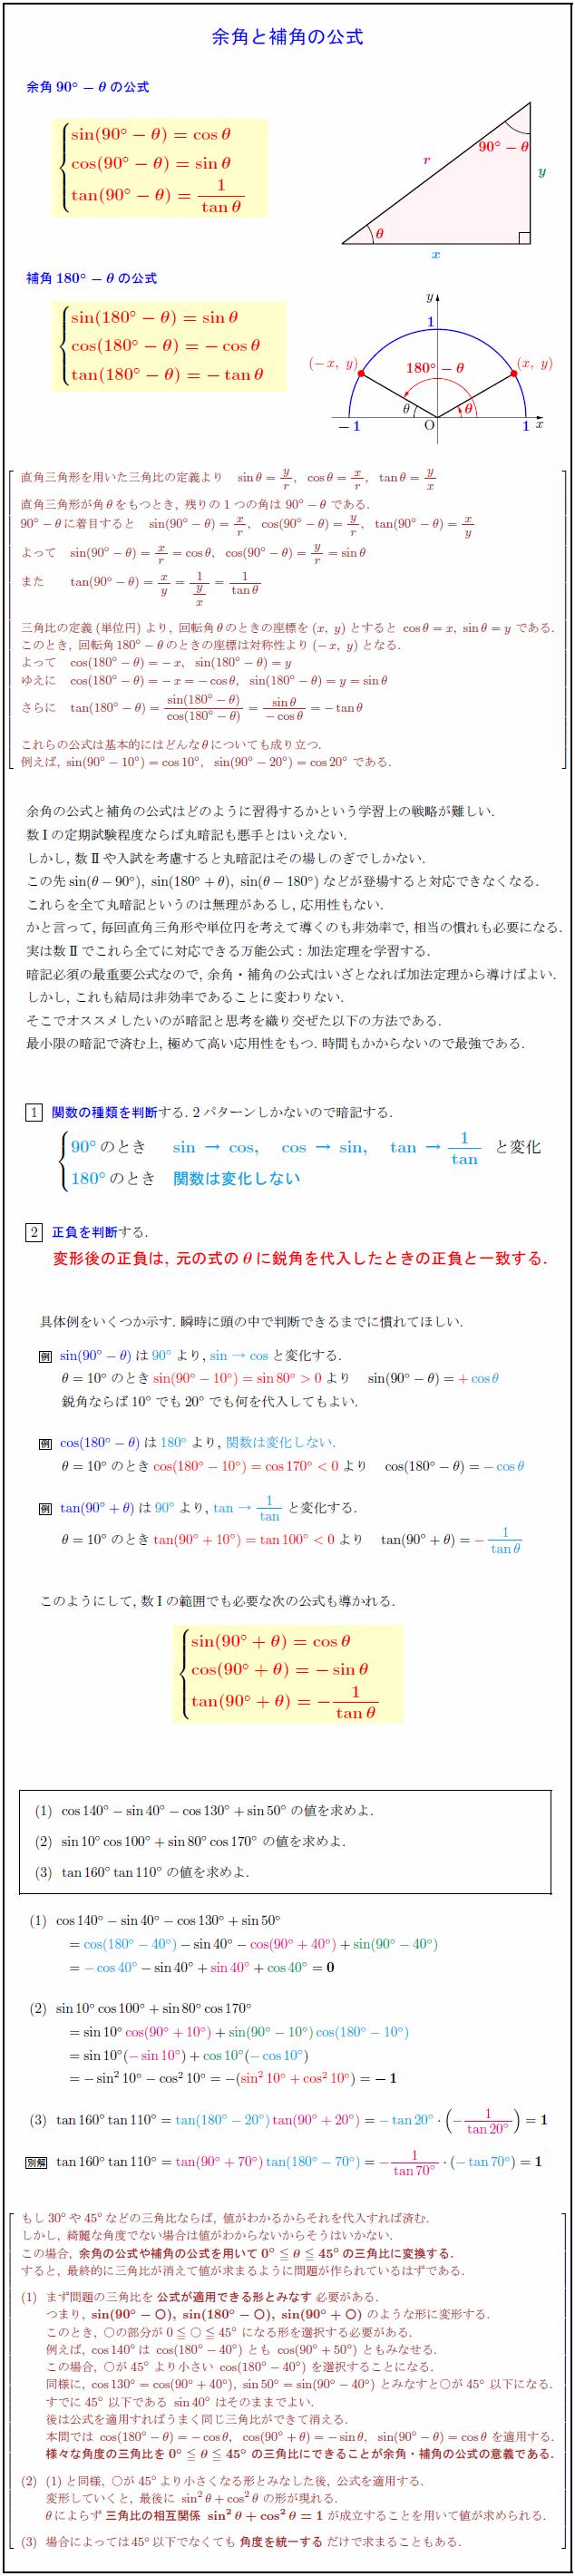 yokaku-hokaku